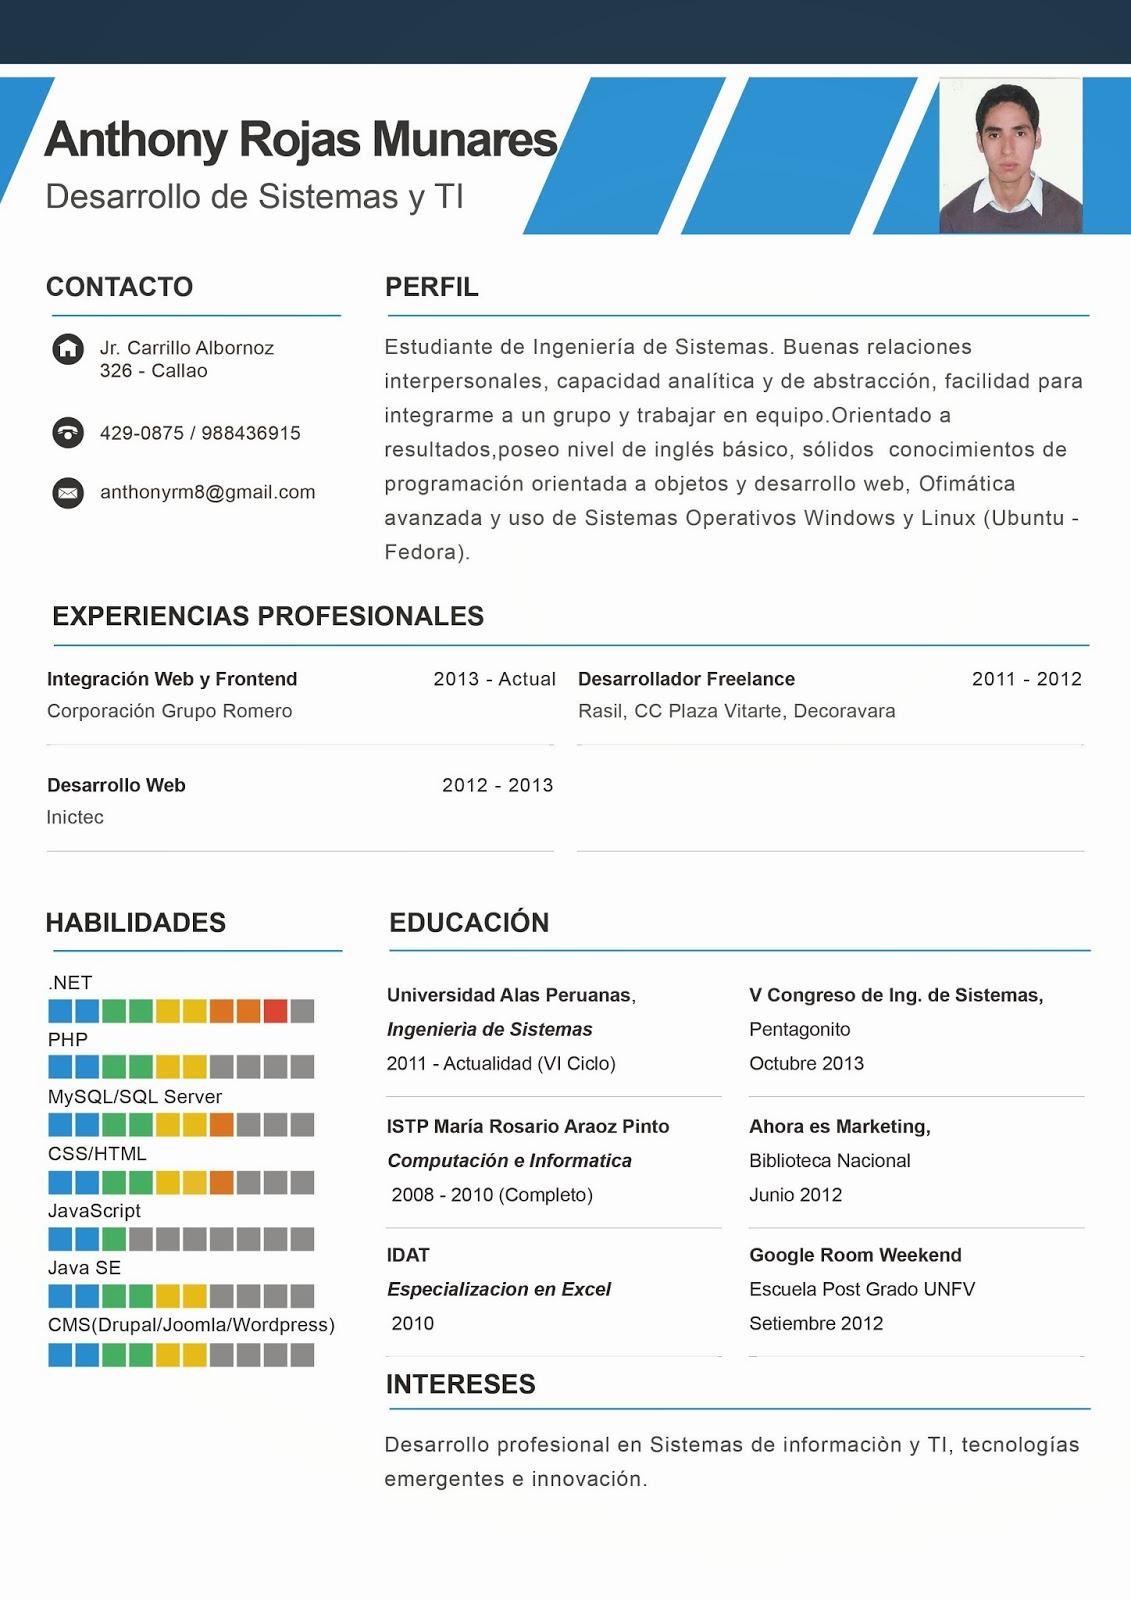 Anthony Rojas - Blog Personal: Carta de Presentación y Curriculum Vitae